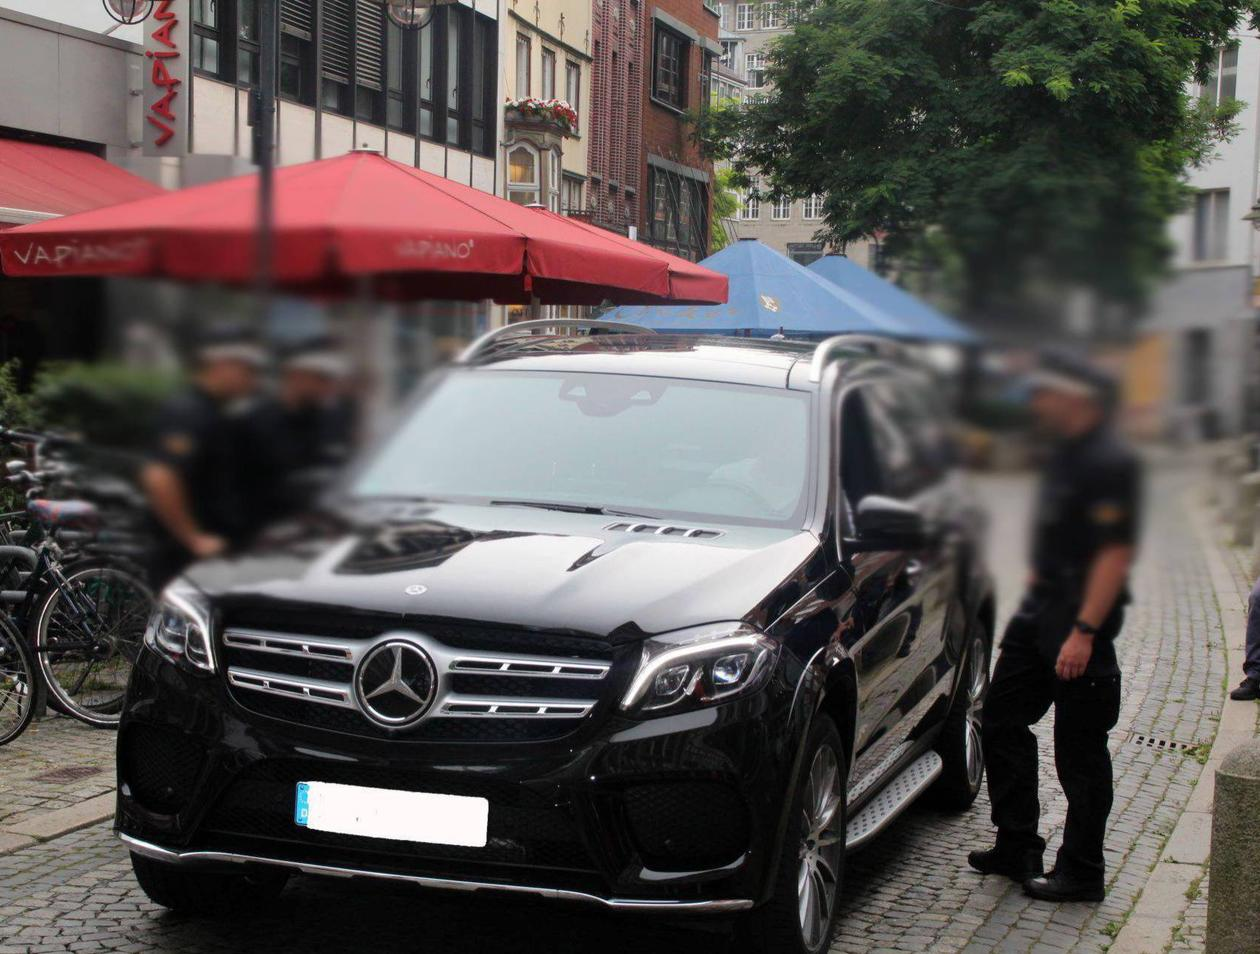 Fussgangerzone Oldenburg Karte.Bremens Polizei Nachwuchs Kontrolliert In Der Fussgangerzone